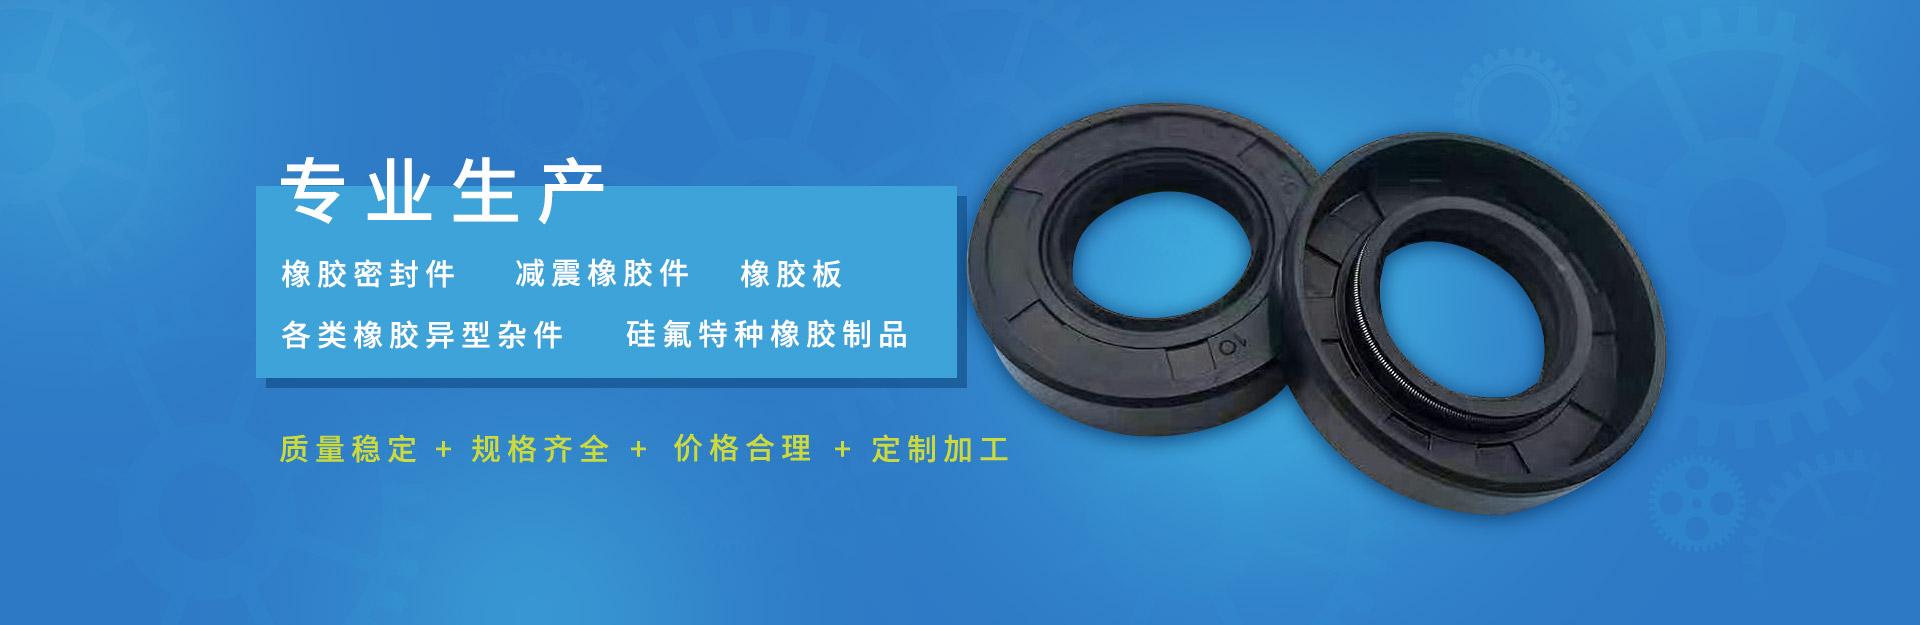 武漢橡塑制品